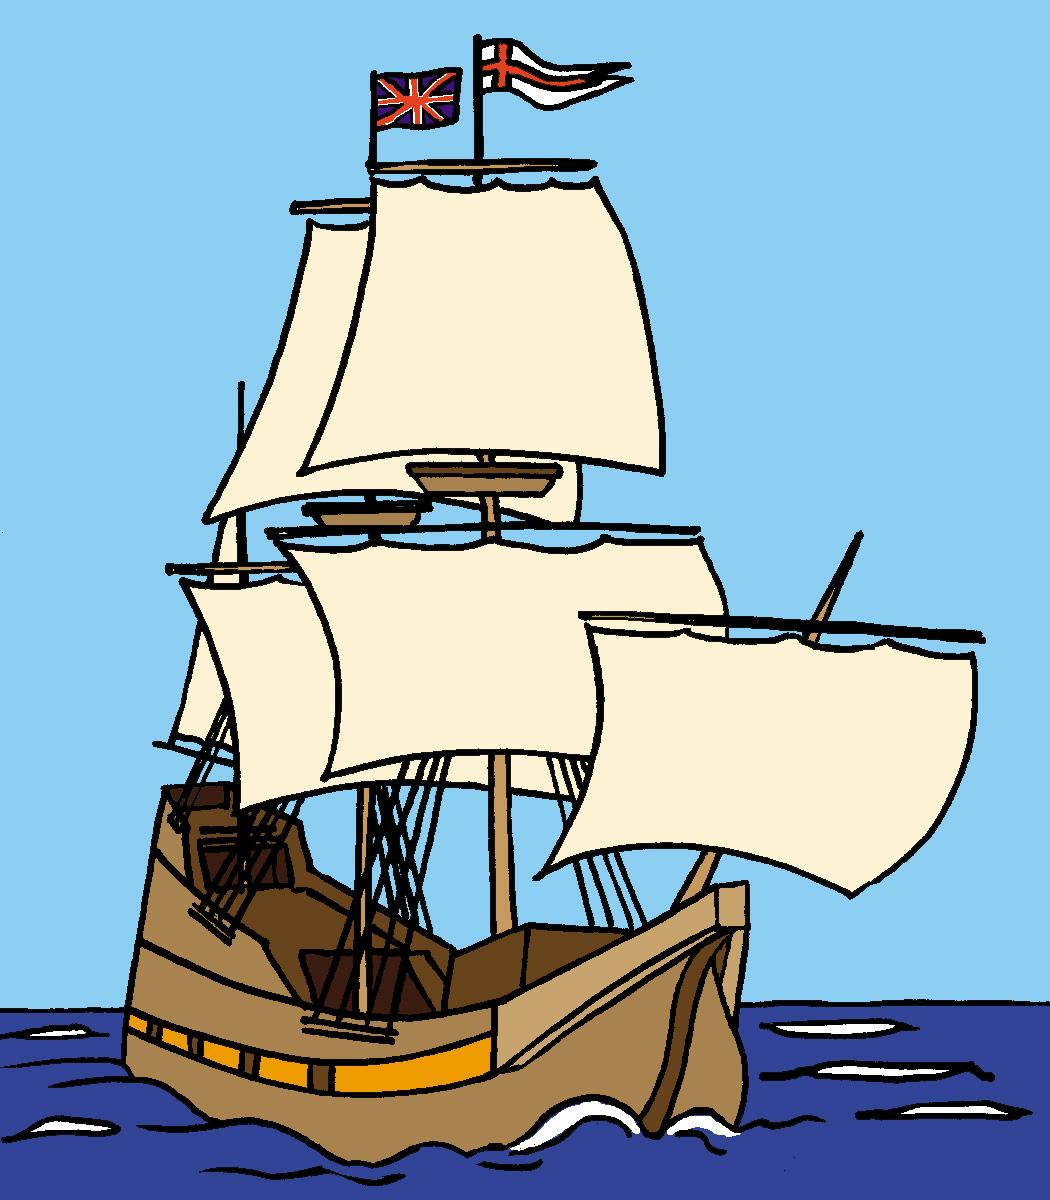 Mayflower Clipart & Mayflower Clip Art Images.